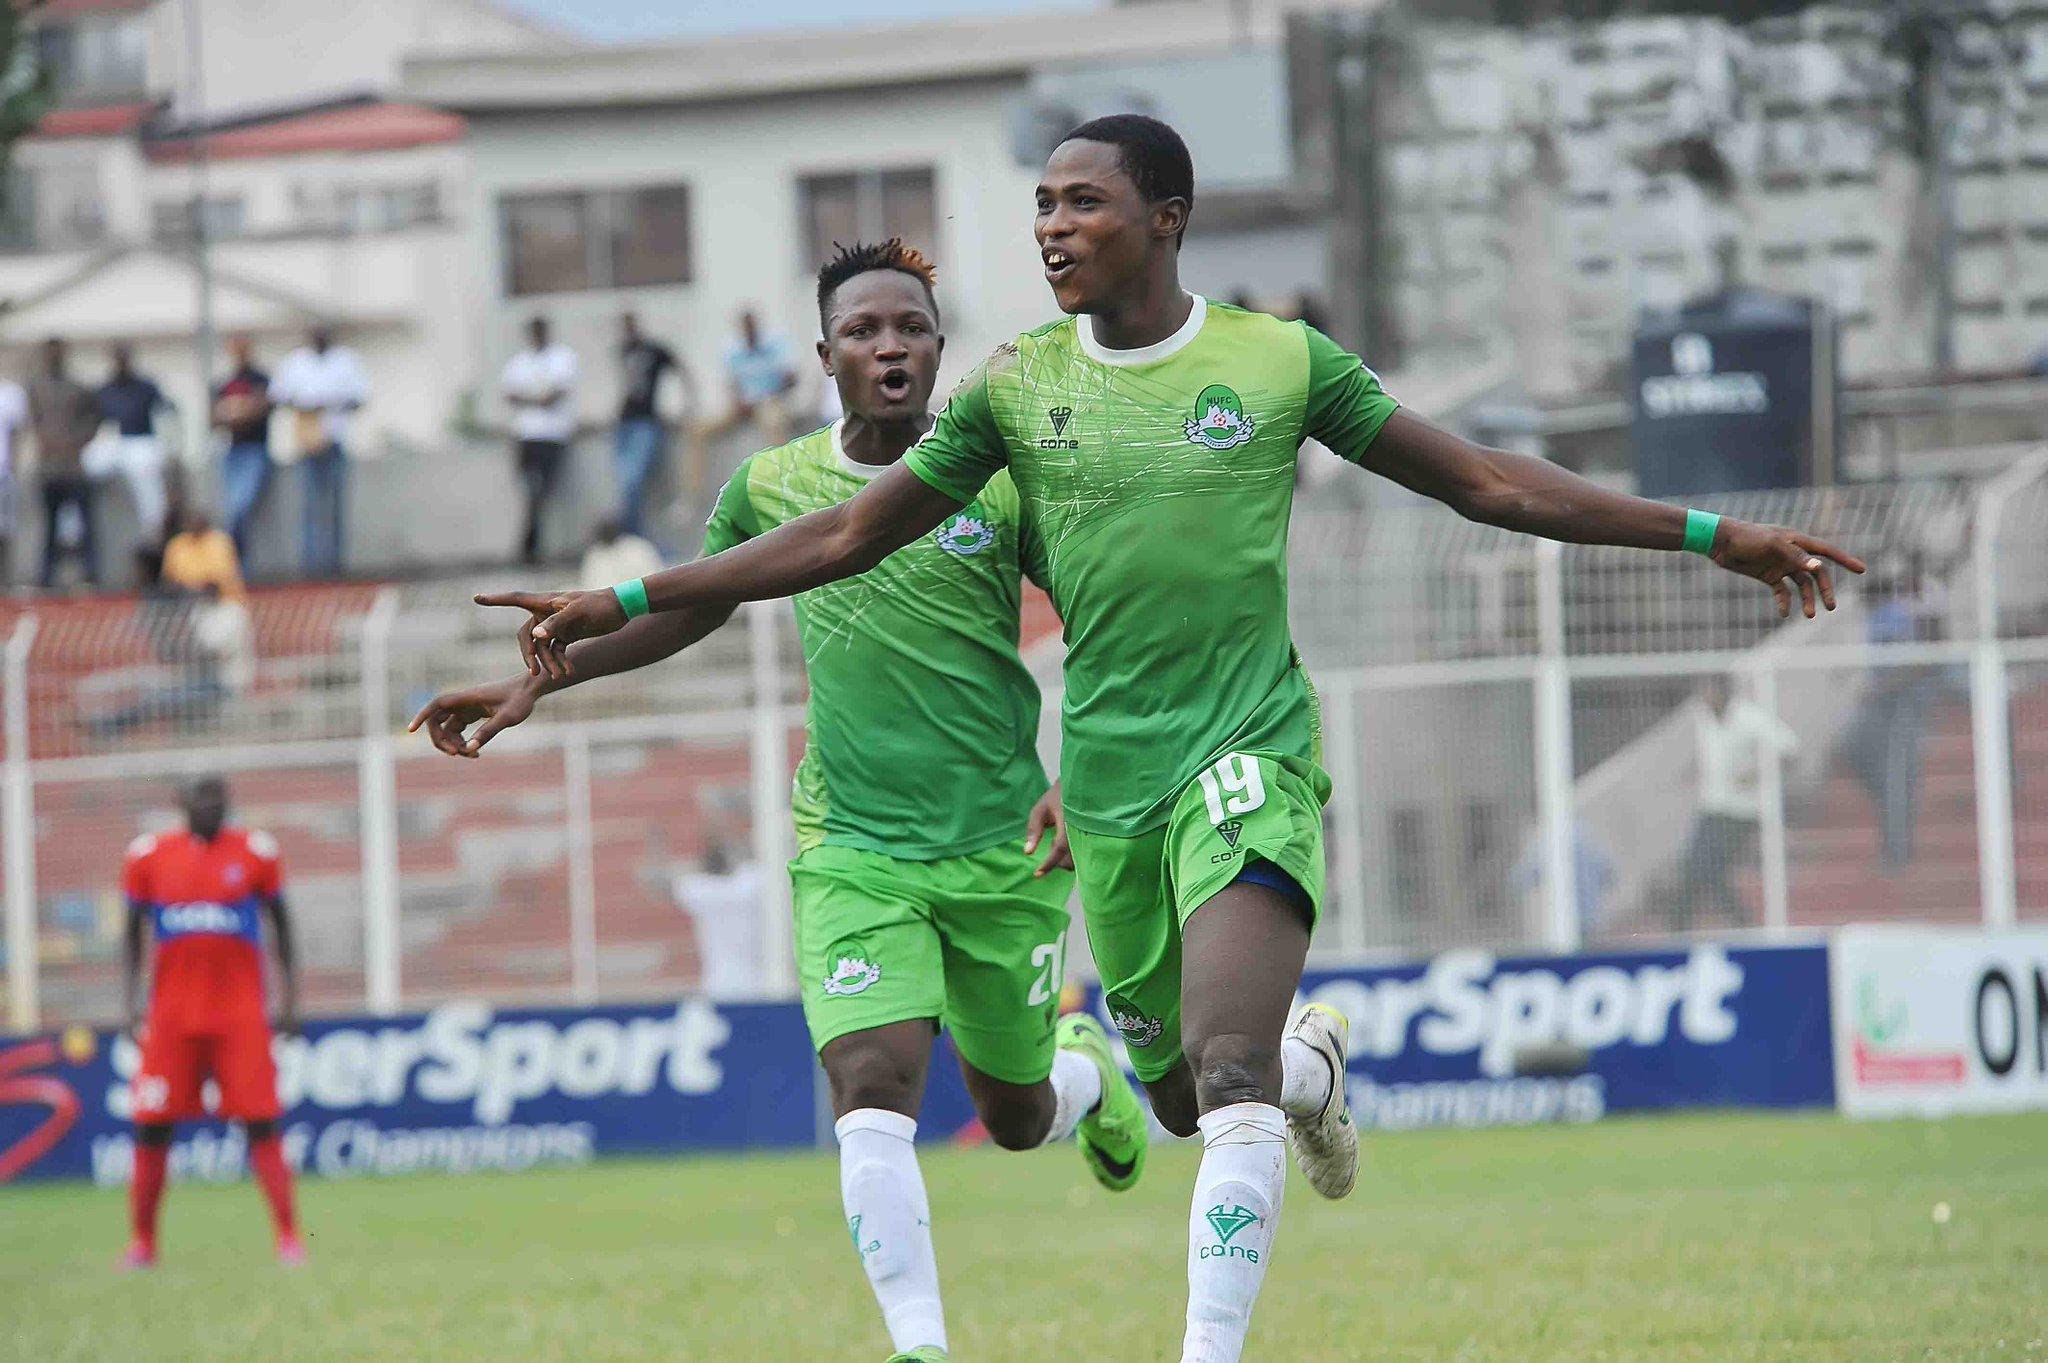 Nasarawa's Bashir Eyes NPFL Top Scorer Honour